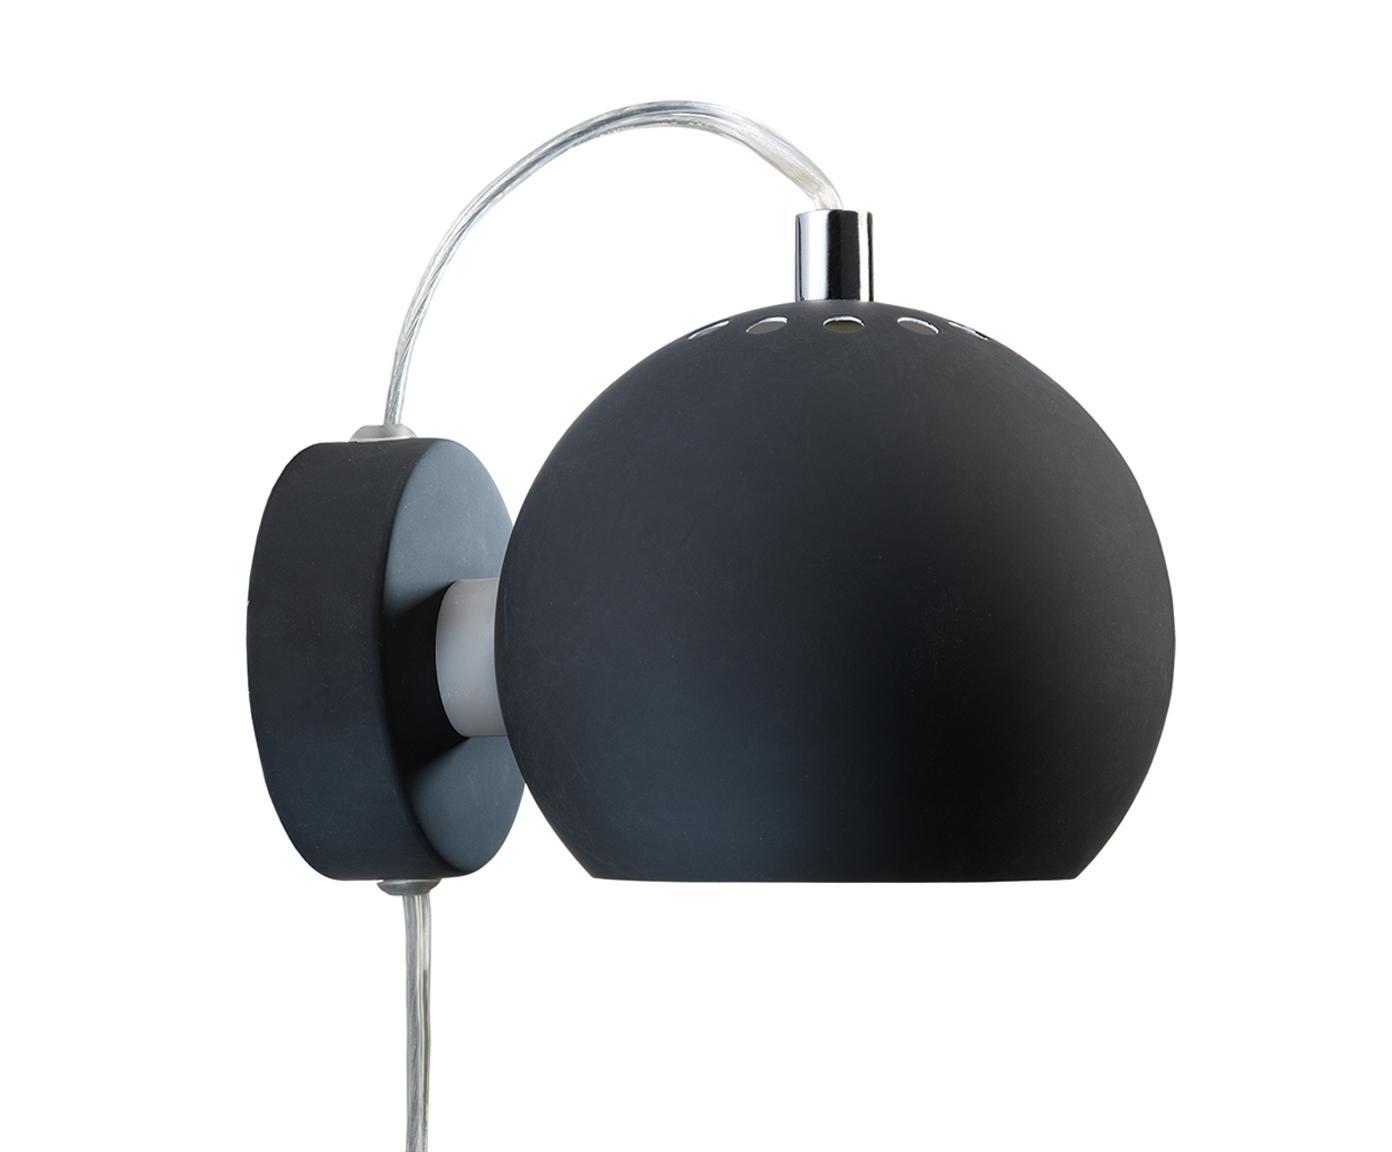 Wandlamp Ball met stekker, Gelakt metaal, Mat zwart, 12 x 12 cm